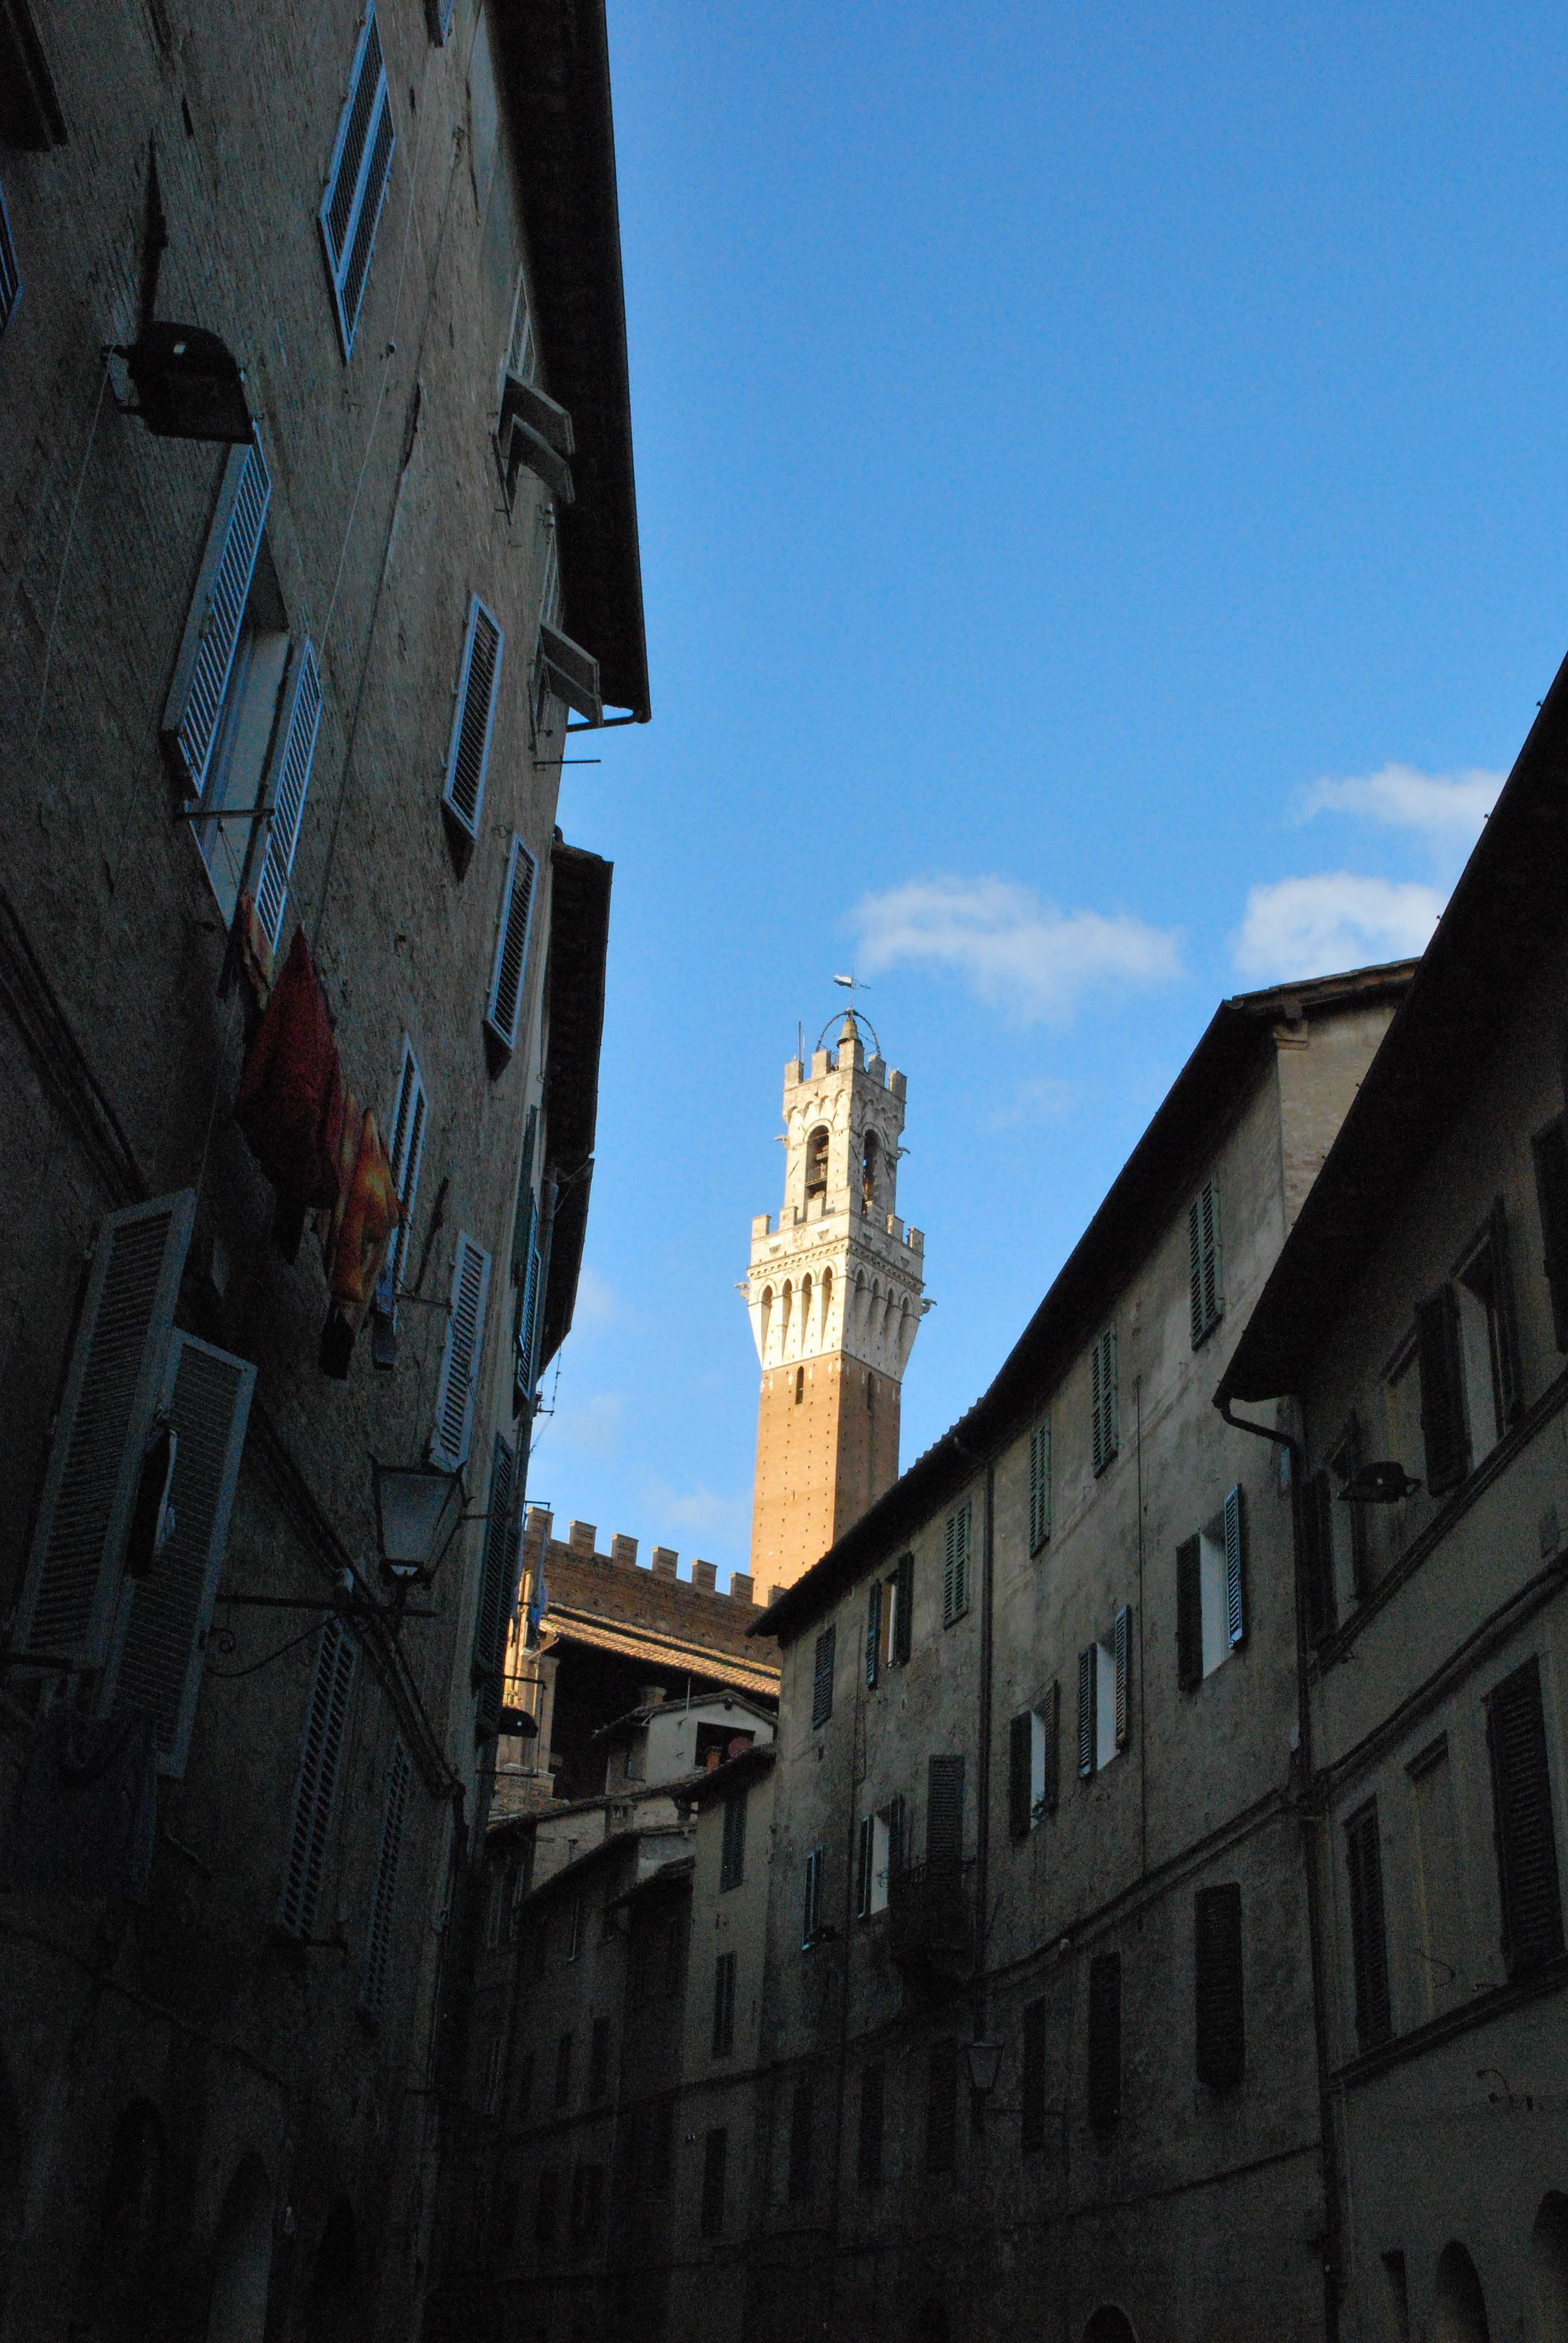 Scorcio di piazza del Campo da un vicolo, Siena, foto di Francesca Pelagatti